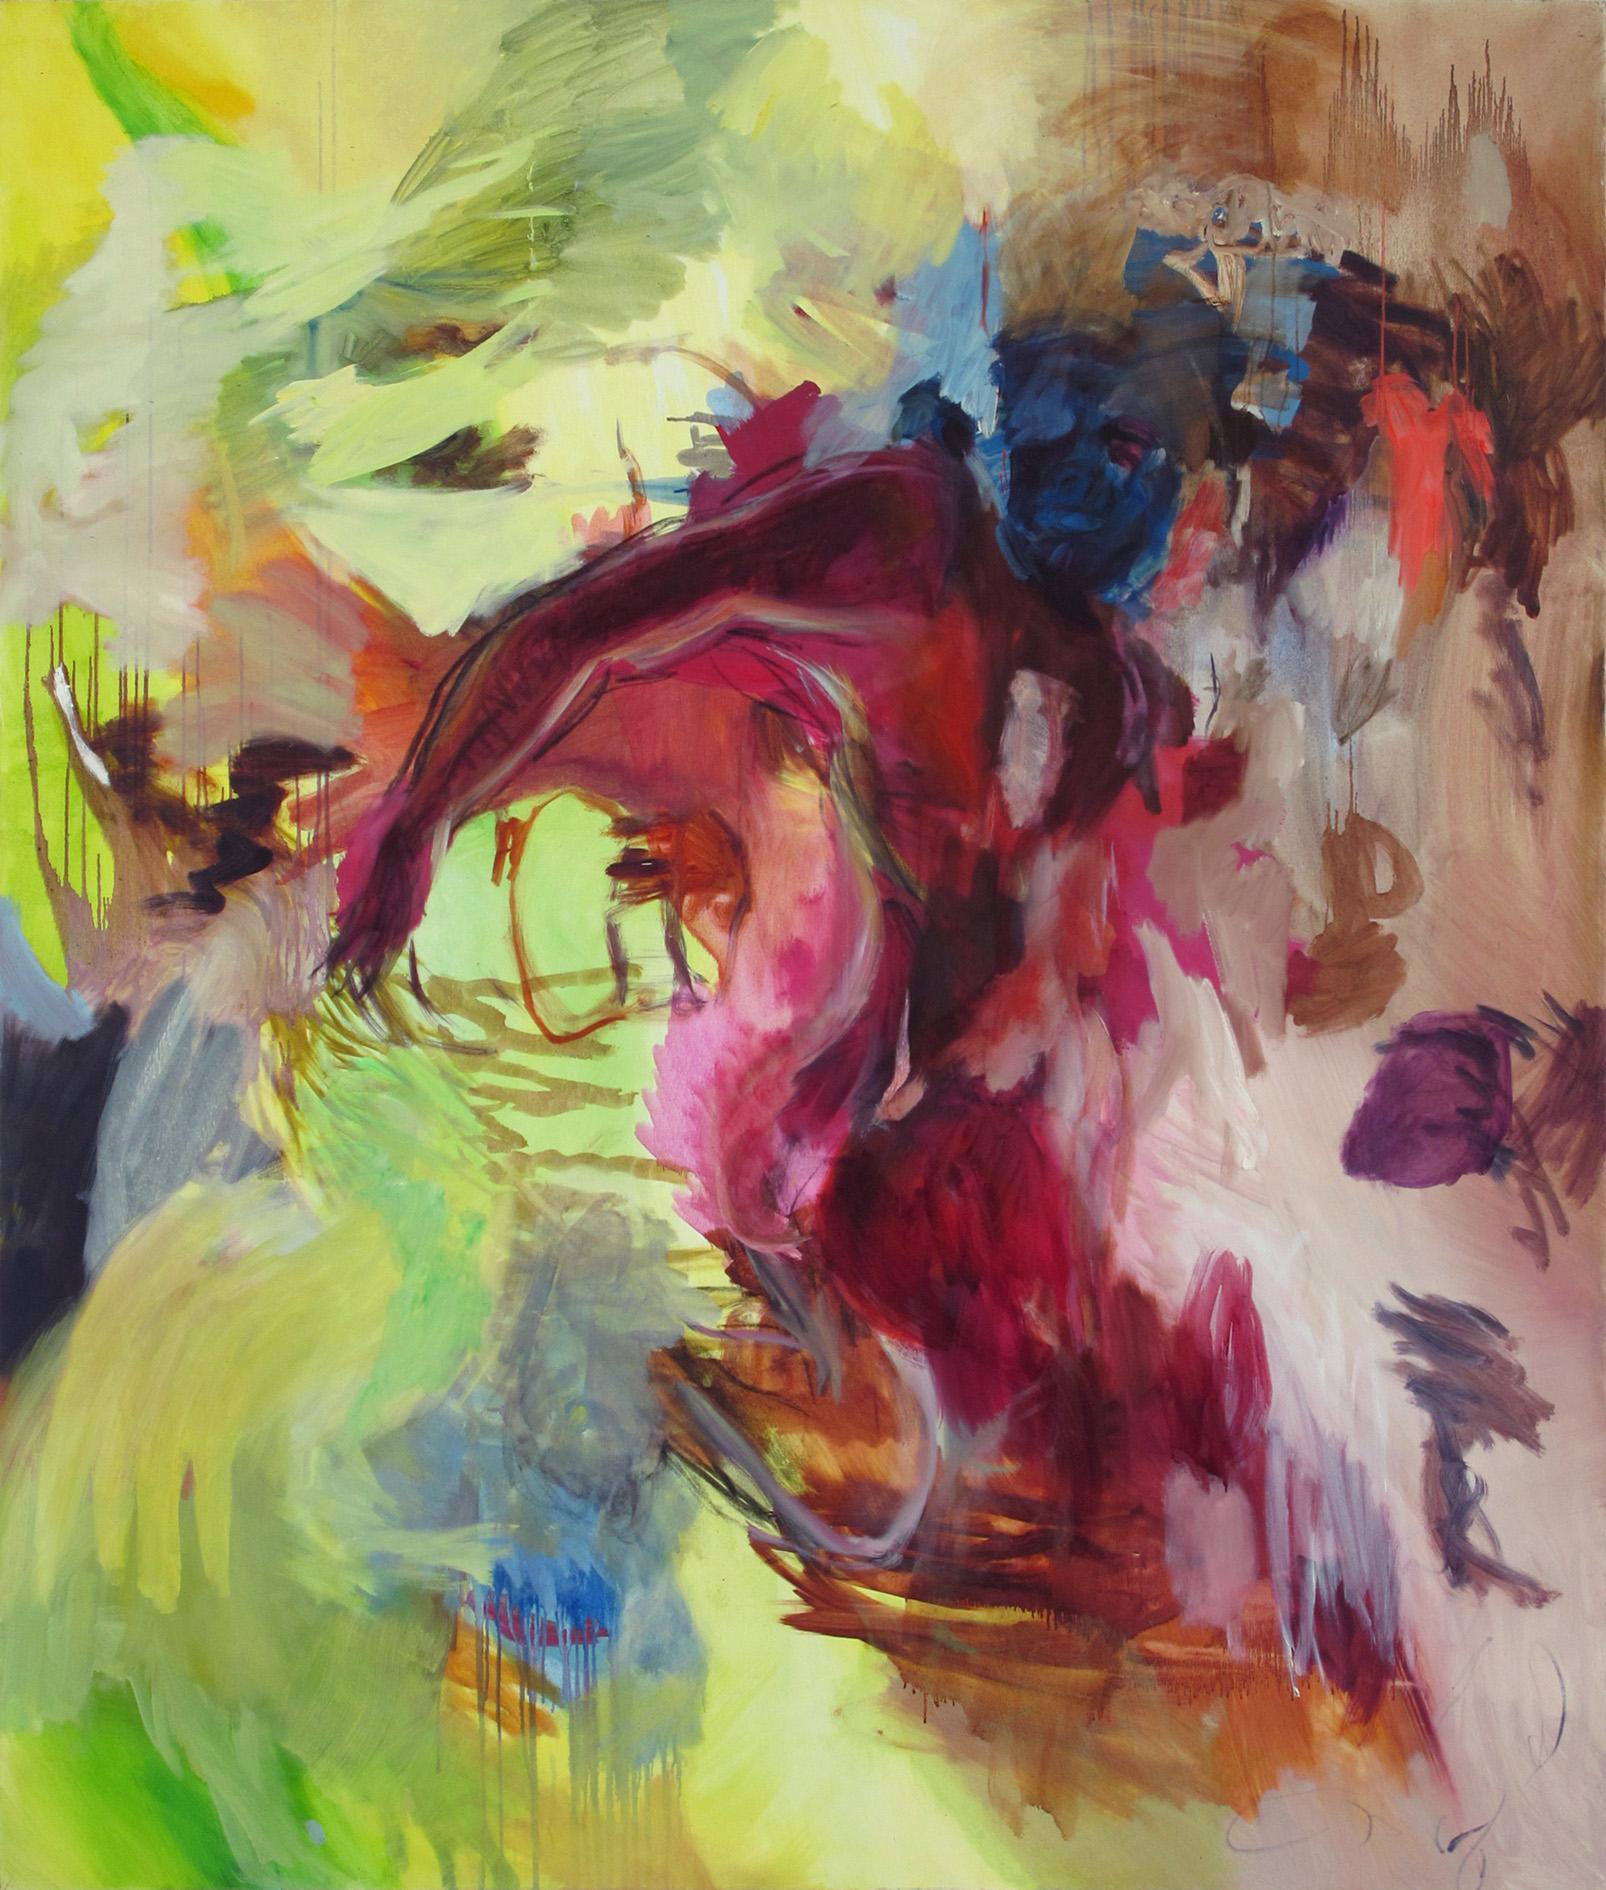 Ein kurzes intensives Fest | Öl auf Leinwand, 200 x 170 cm, 2010